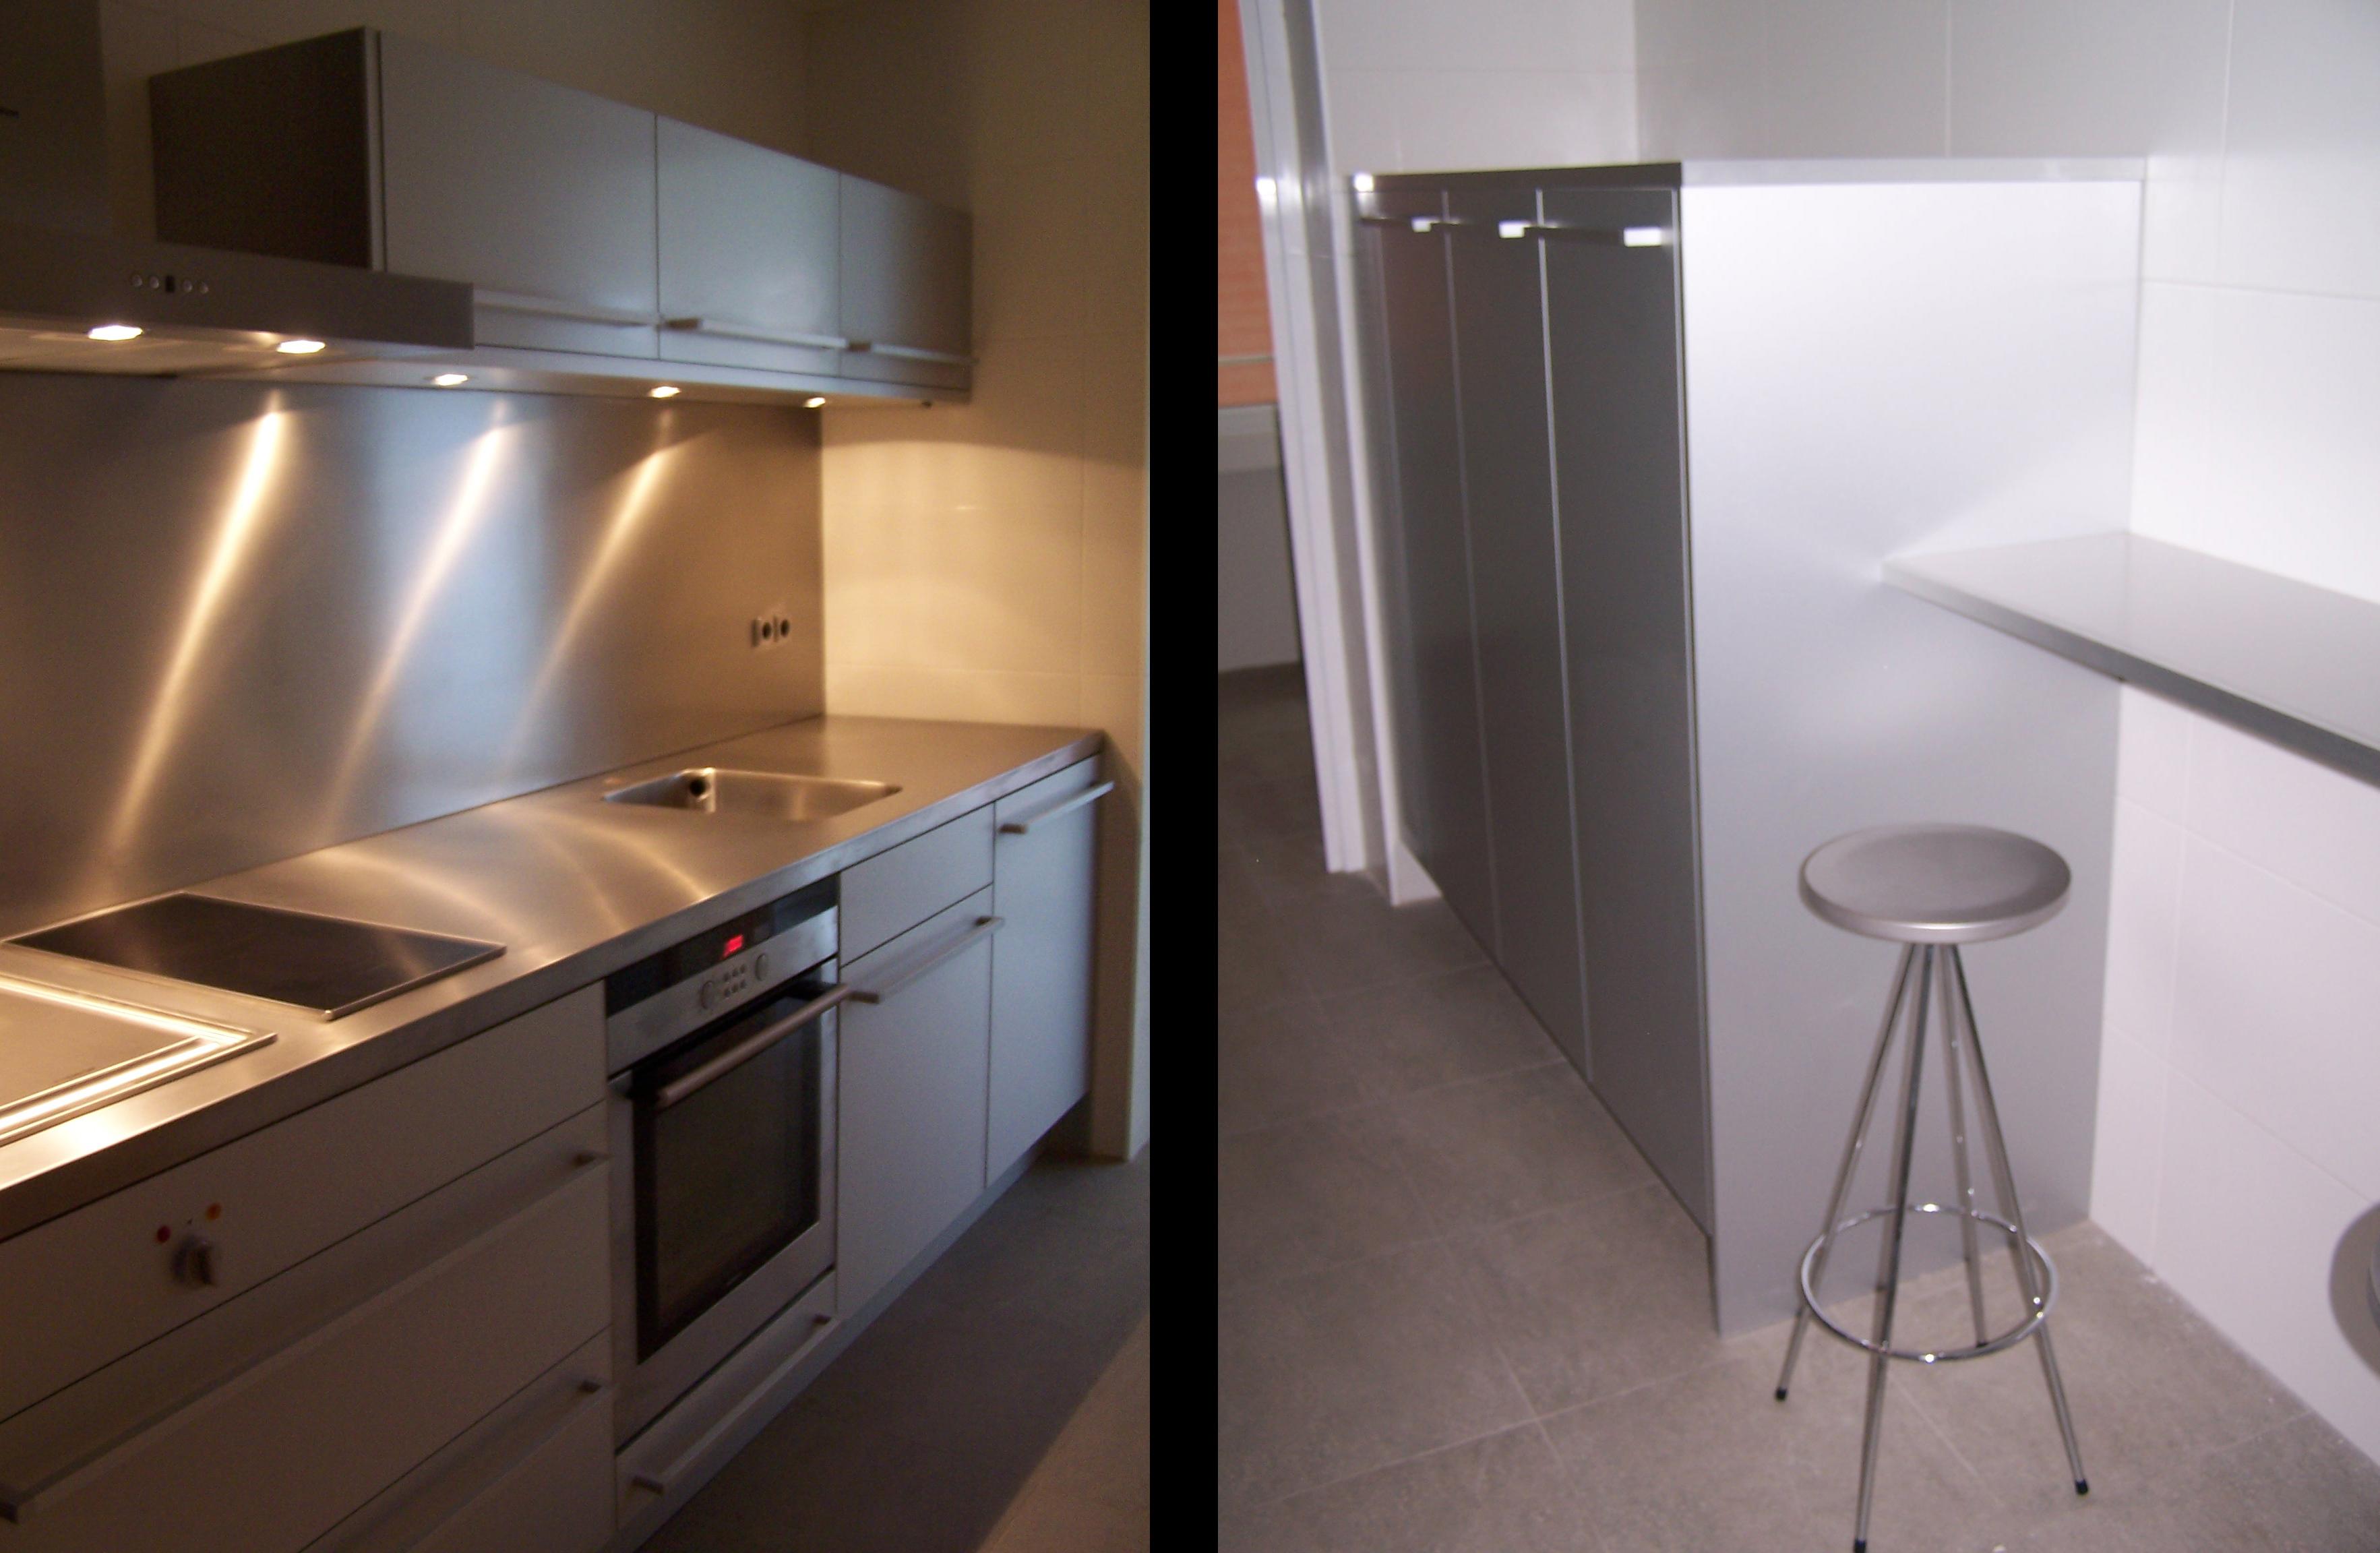 Iluminacion Para Muebles | Iluminacion Led Para Cocinas Latest ...